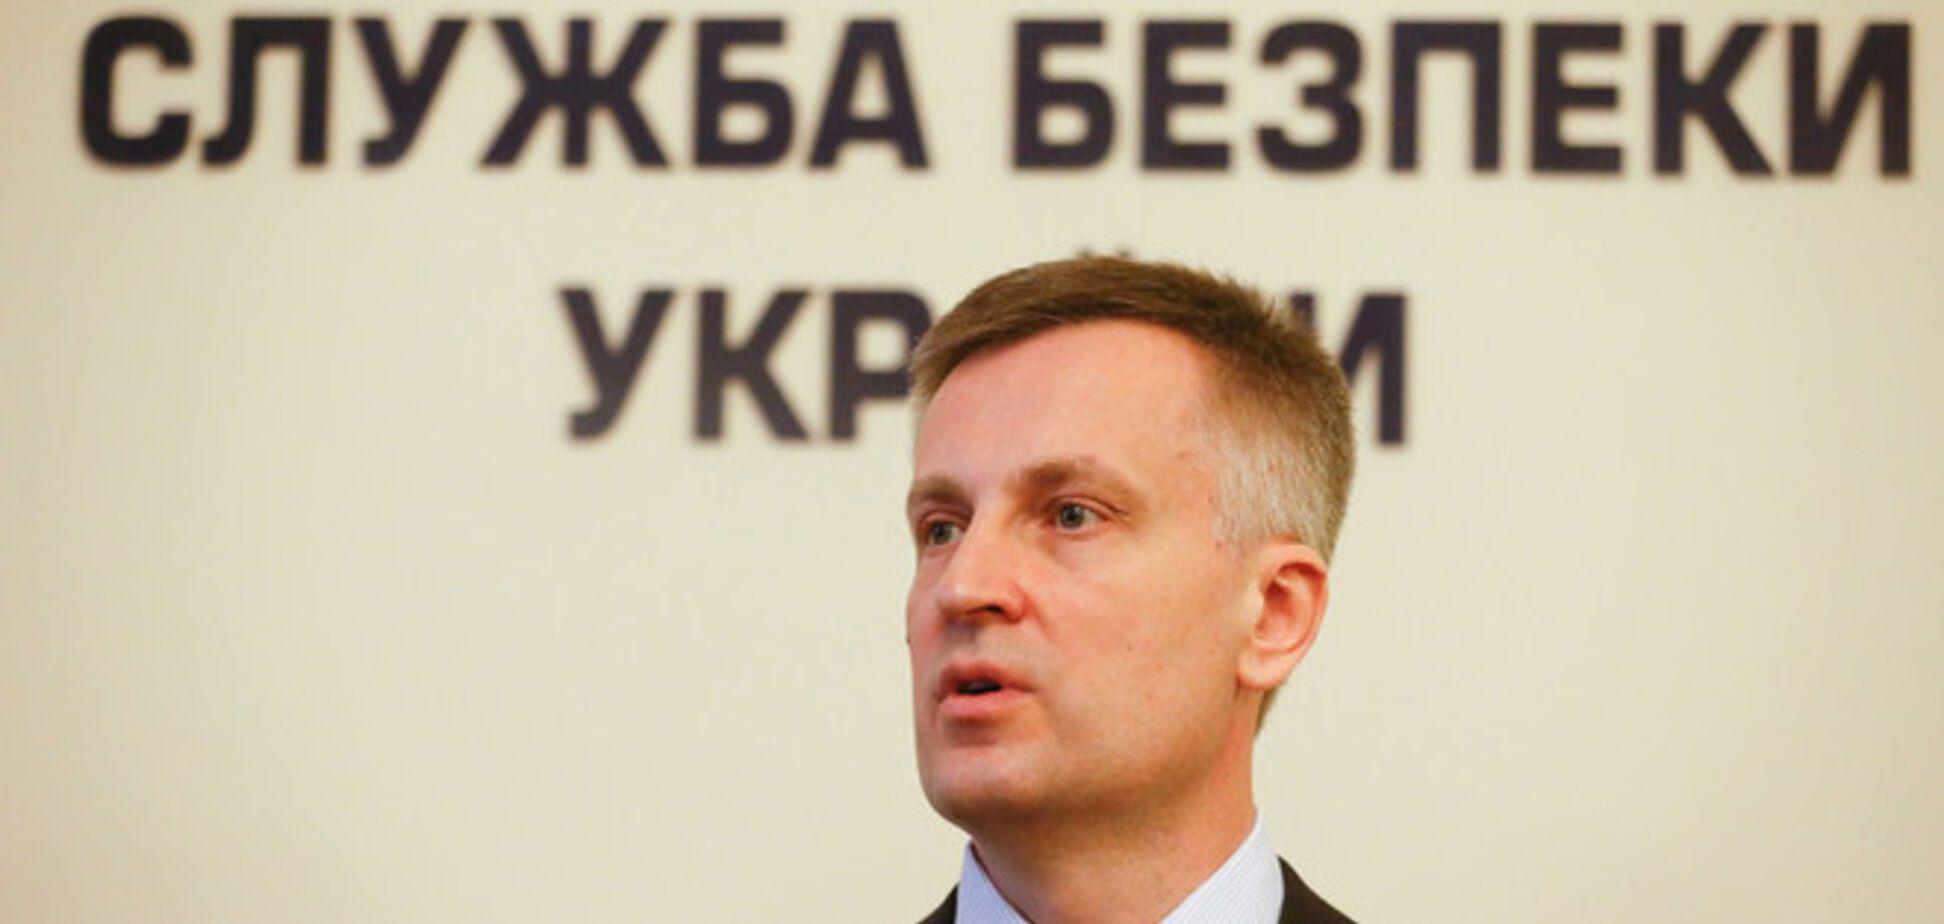 СБУ відкрила кримінальні провадження проти Єфремова, Левченка і Колесніченка